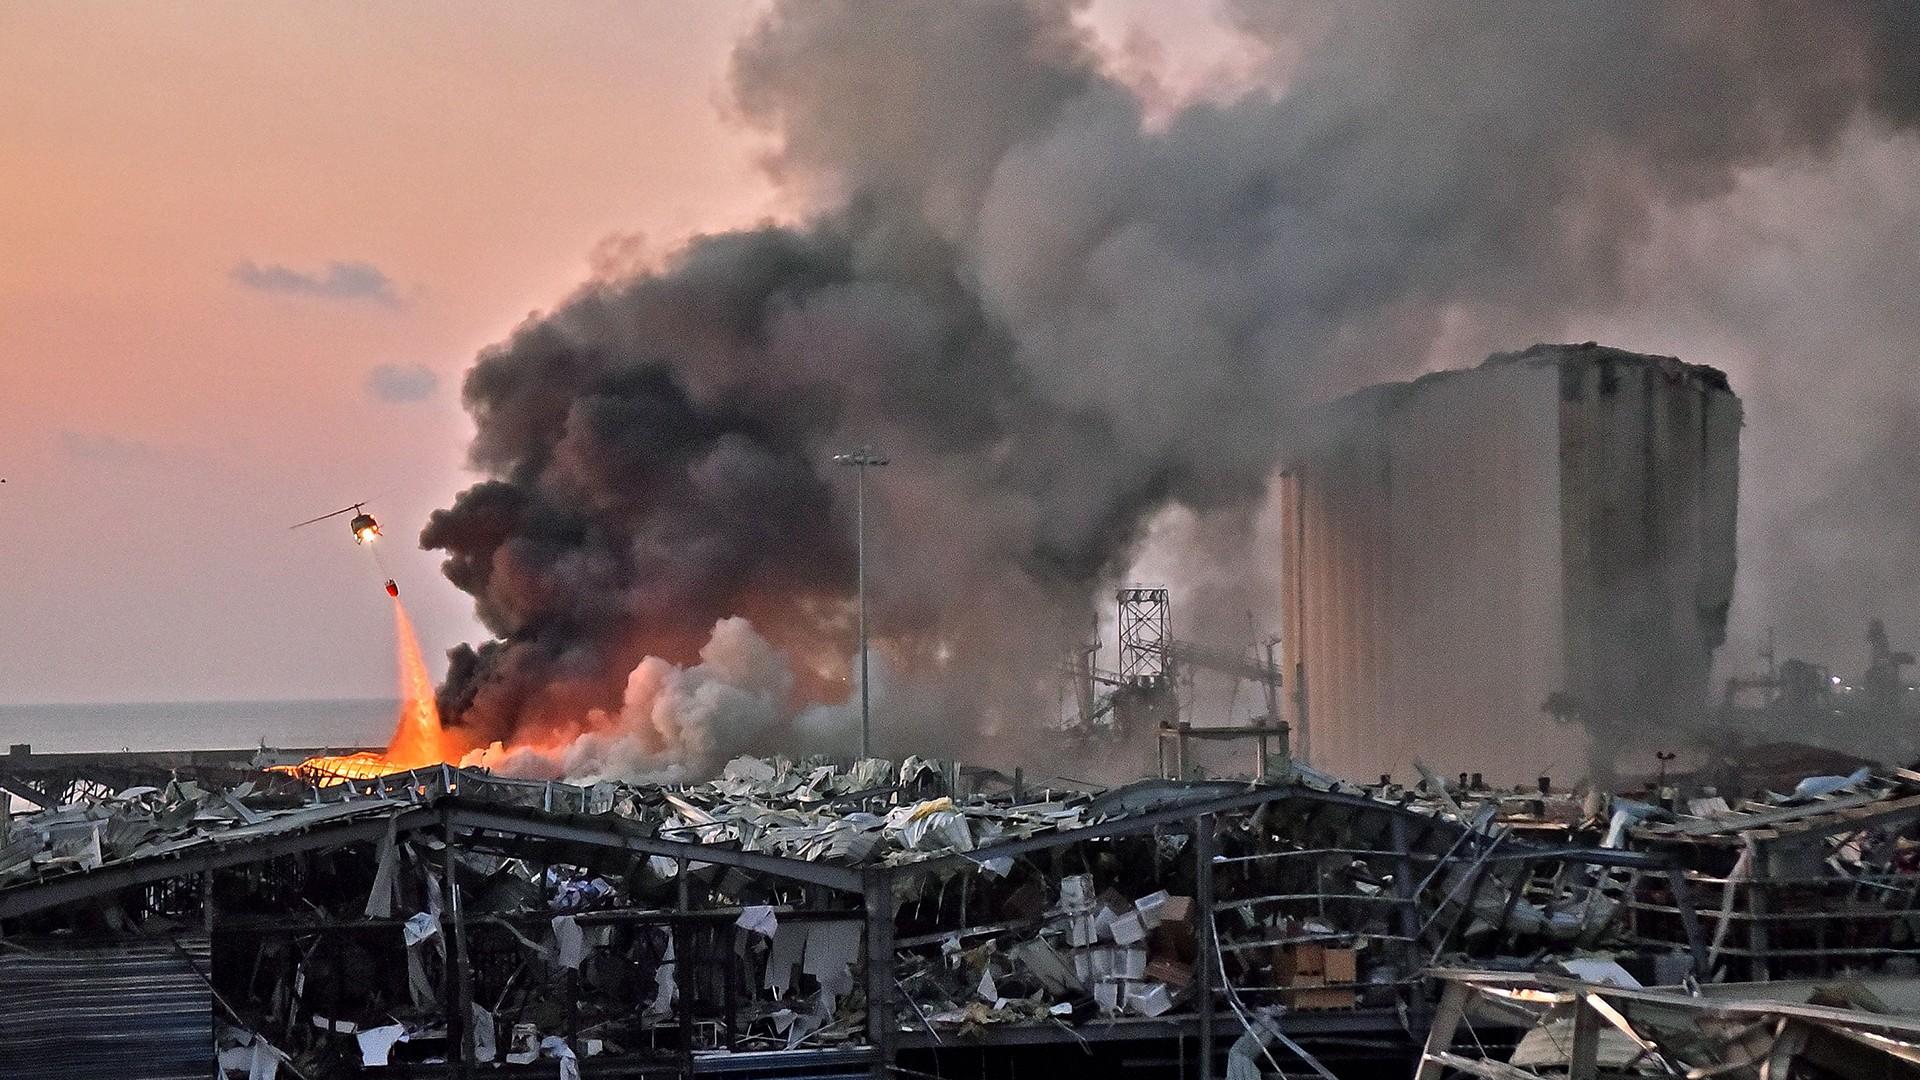 لبنان-بعد-الانفجار-الكبير-..-نهوض-أم-انهيار